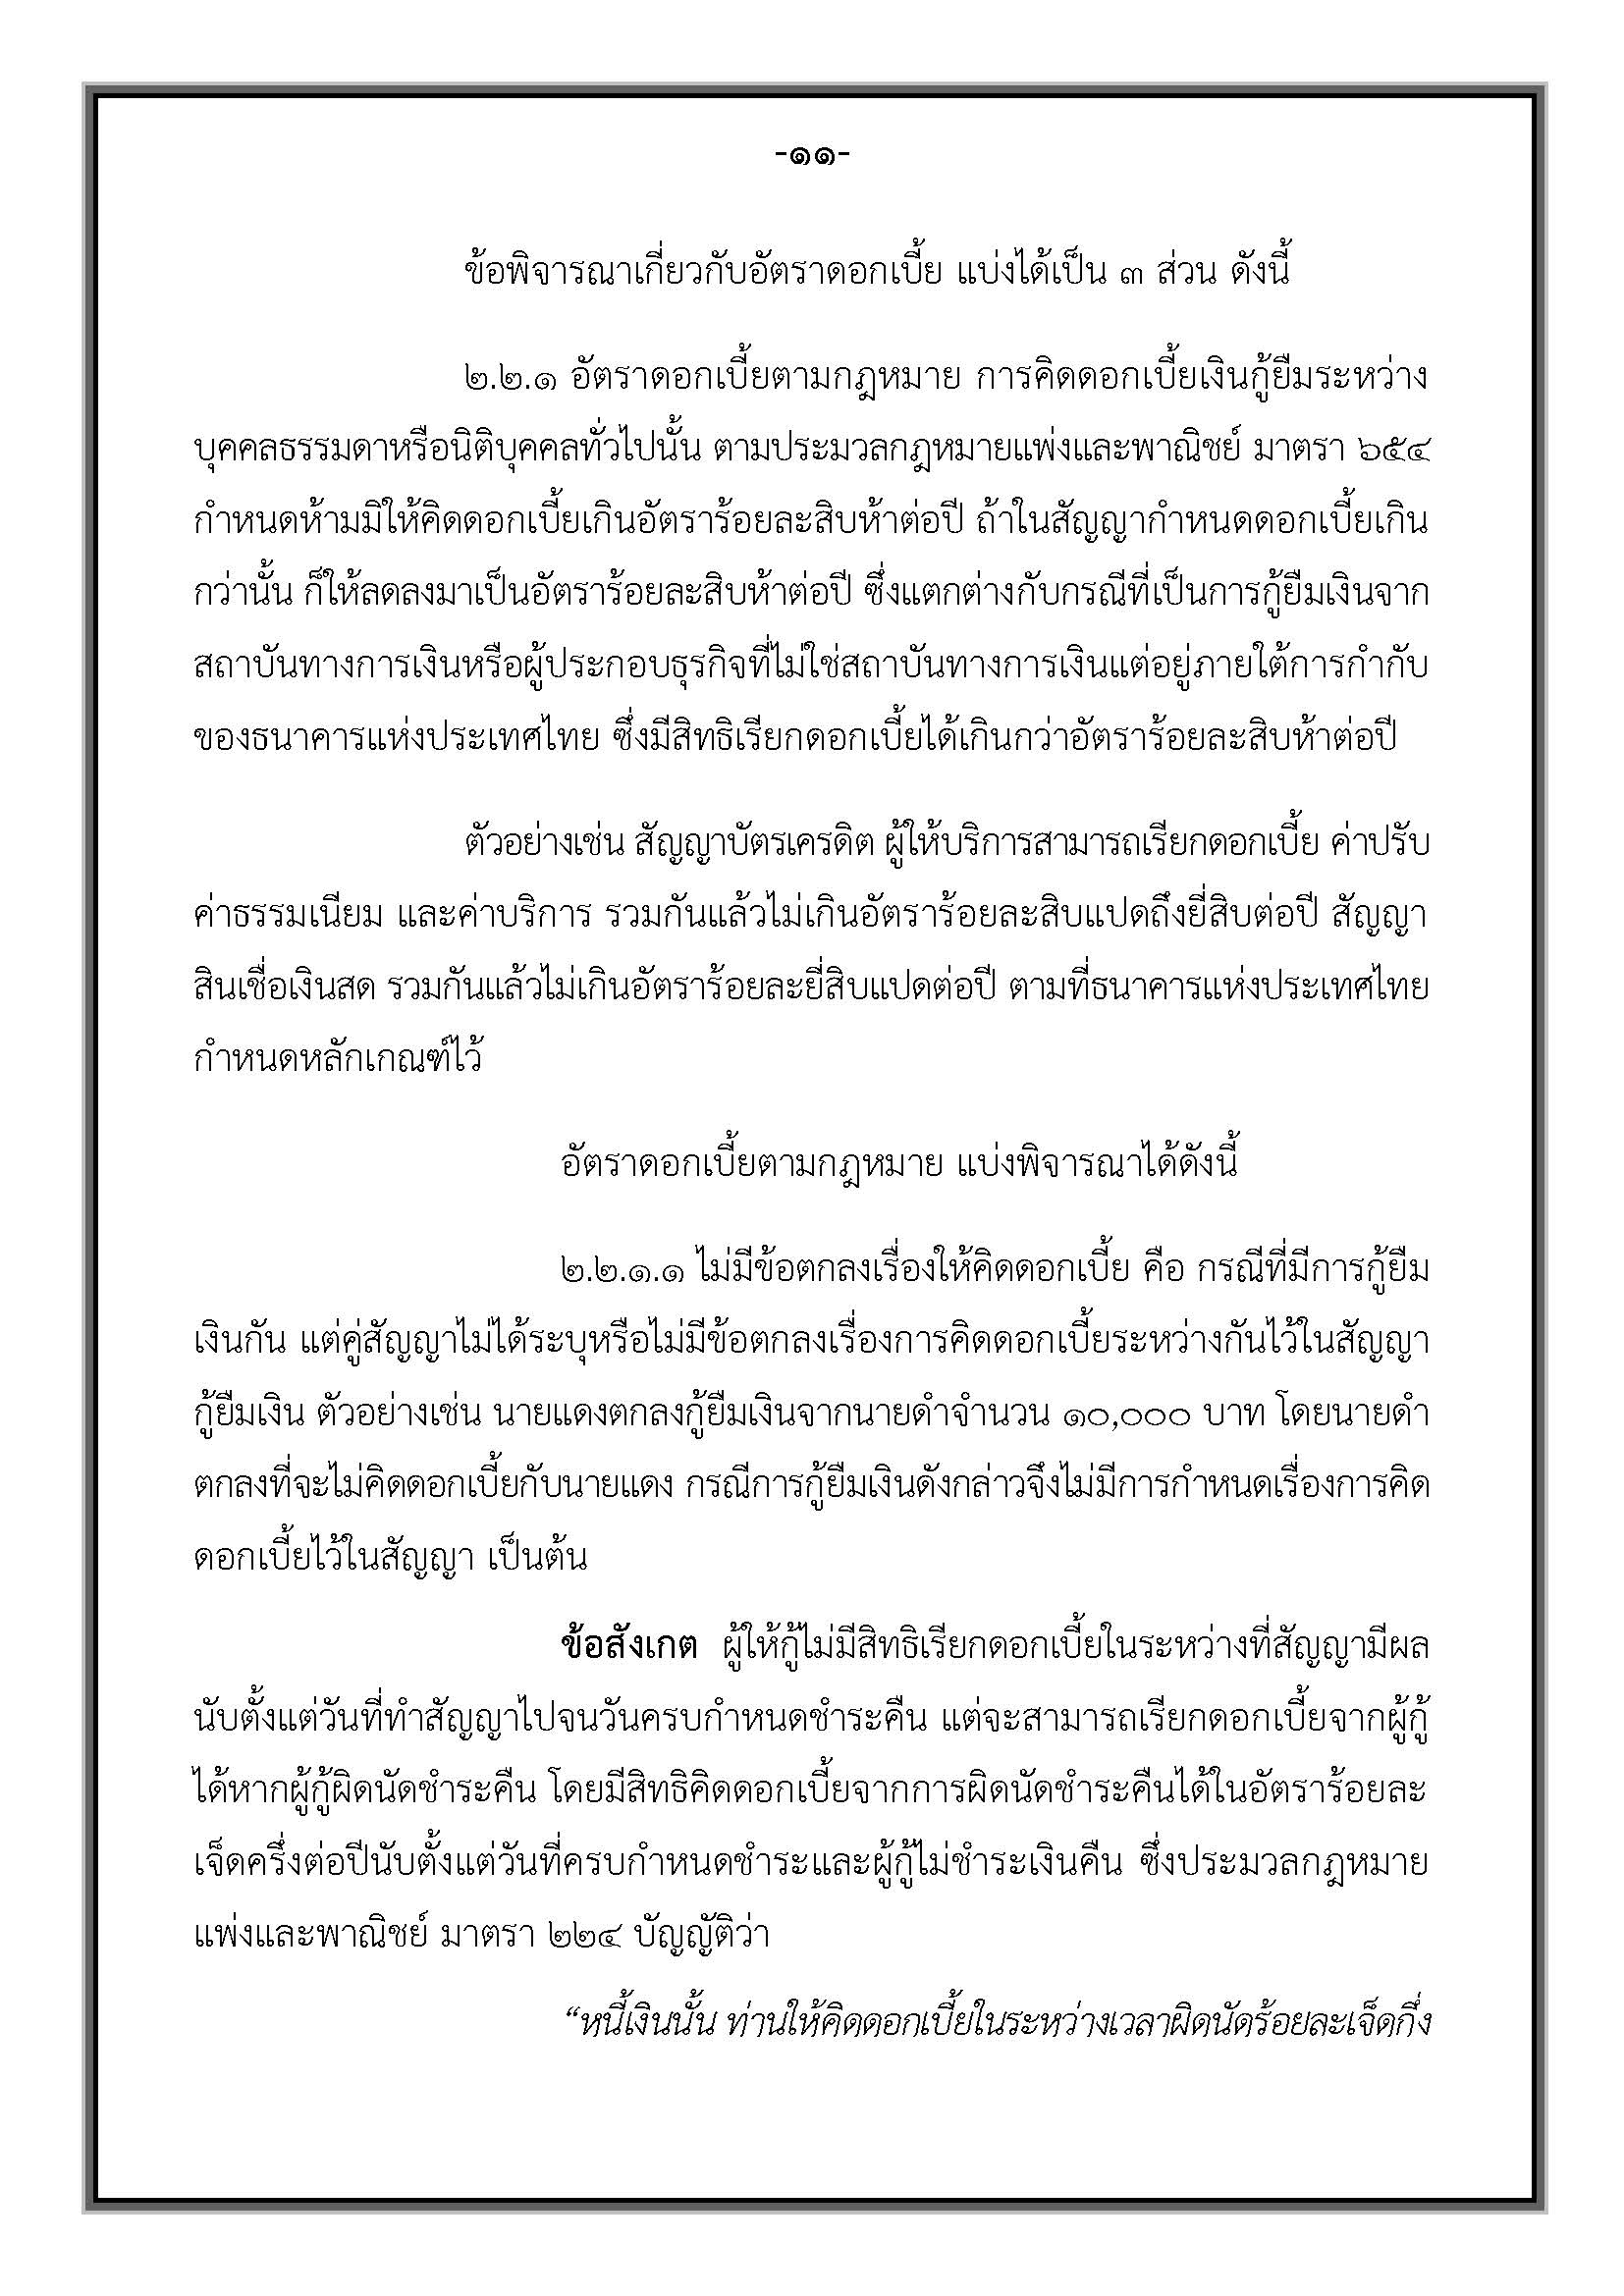 คำแนะนำ-สัญญากู้ยืมเงิน_Page_15